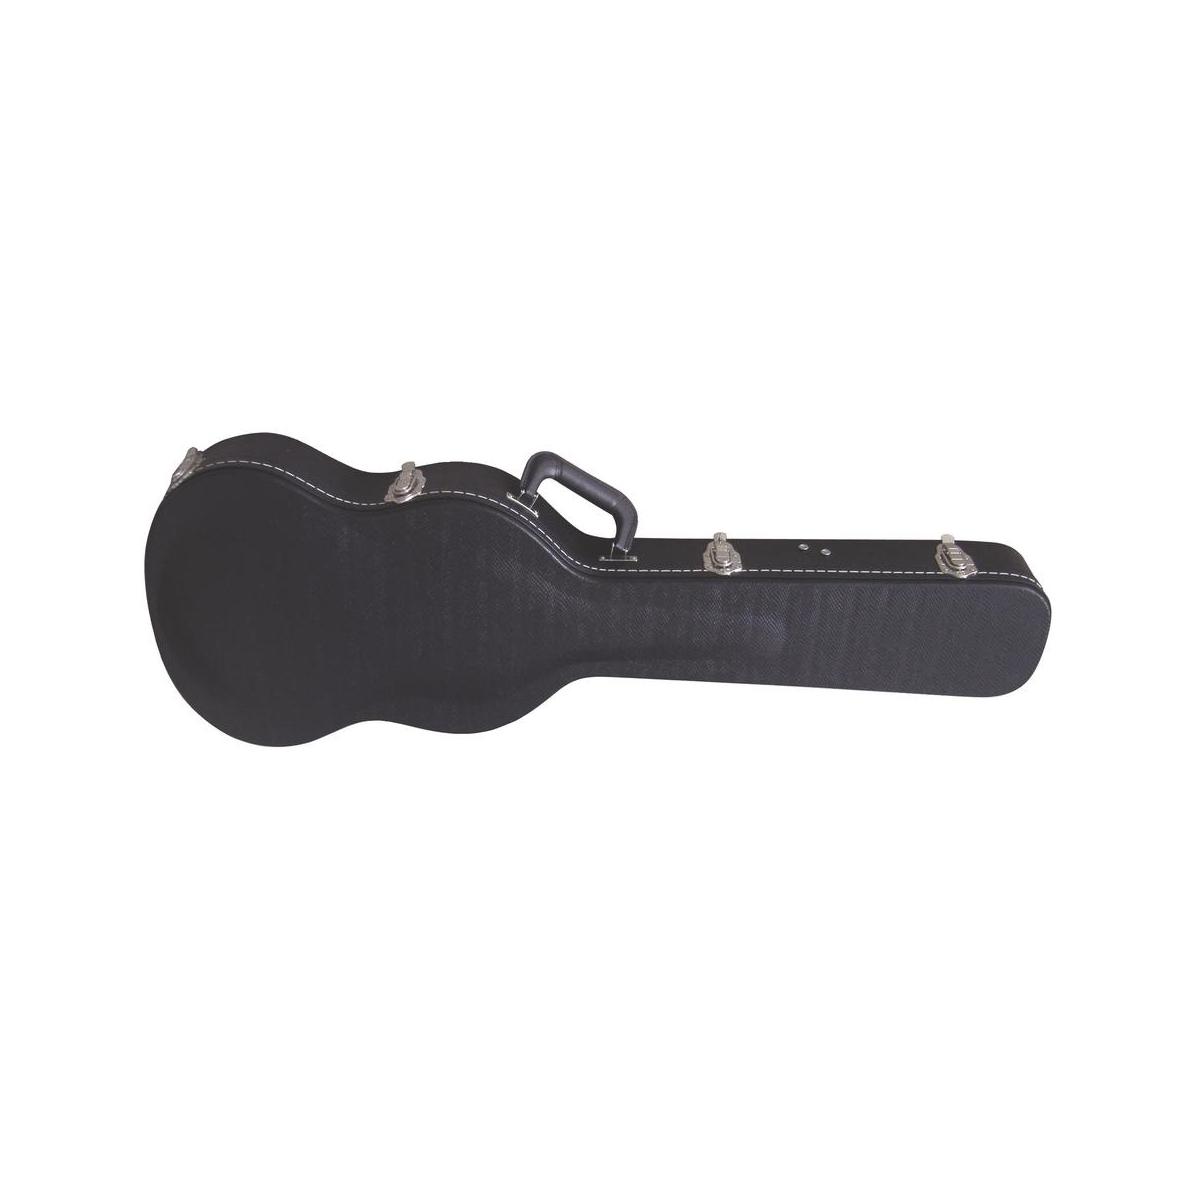 Guitar Cases